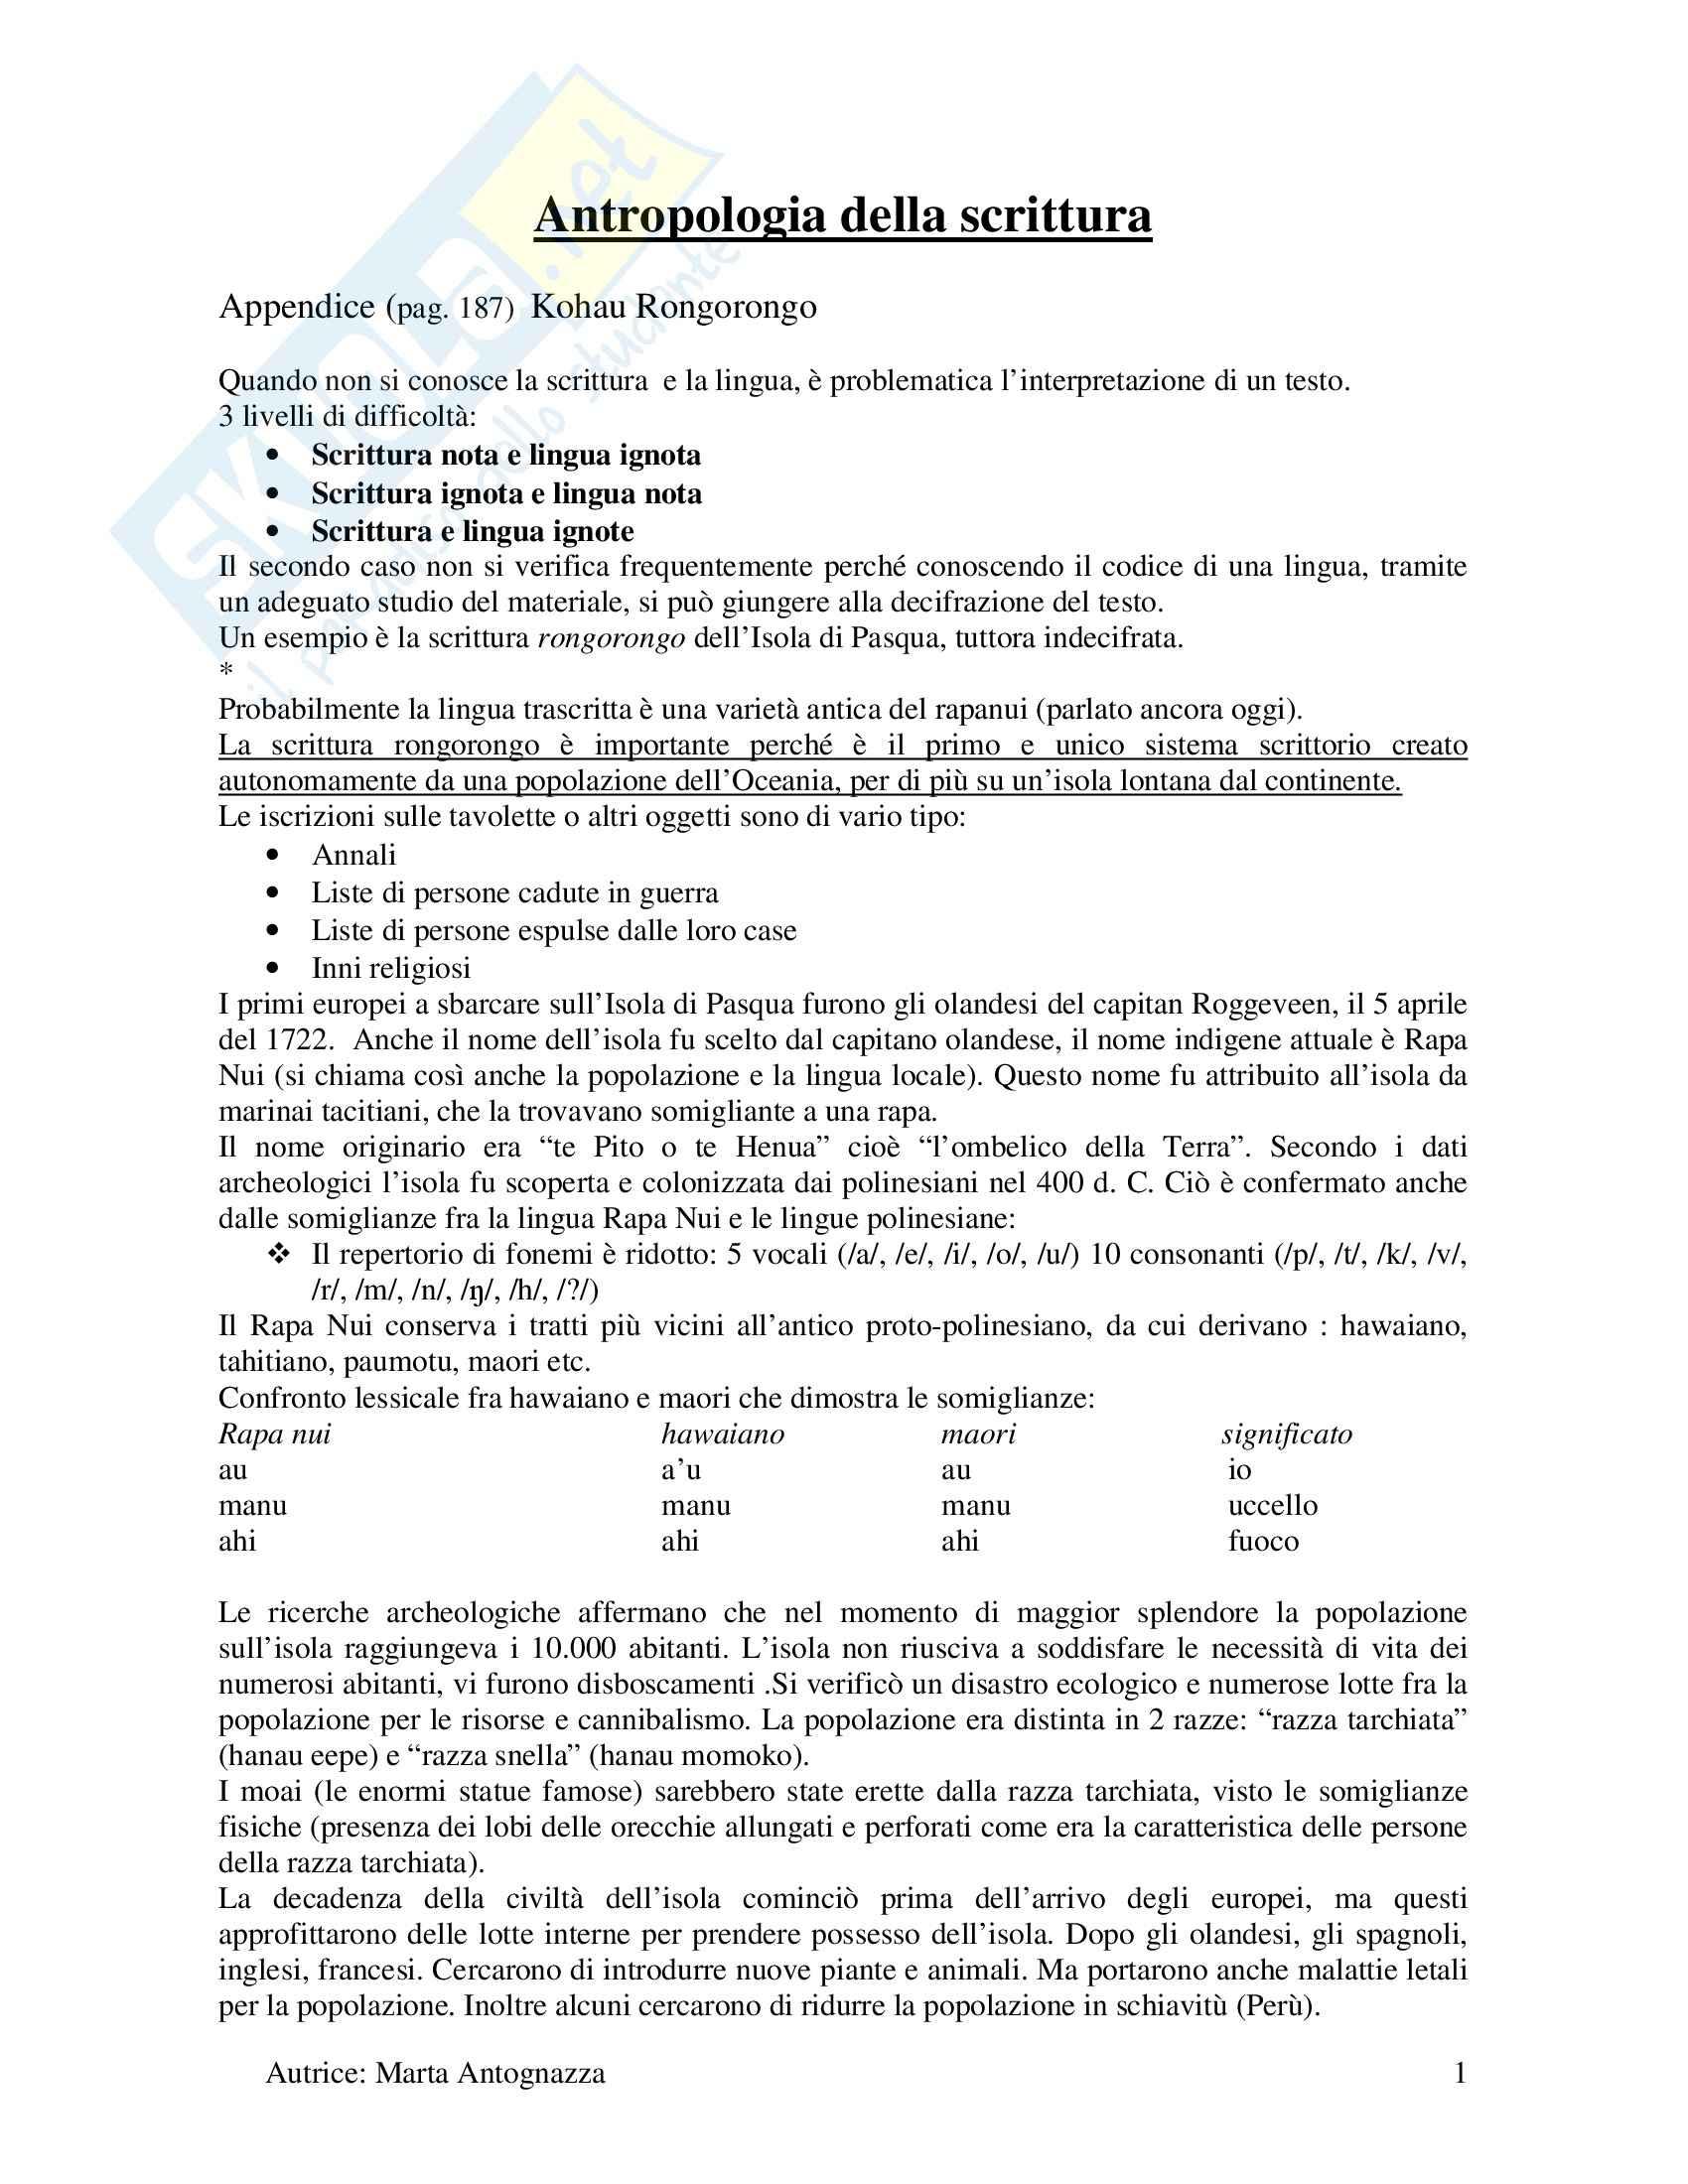 Linguistica - antropologia della scrittura - Rongorongo